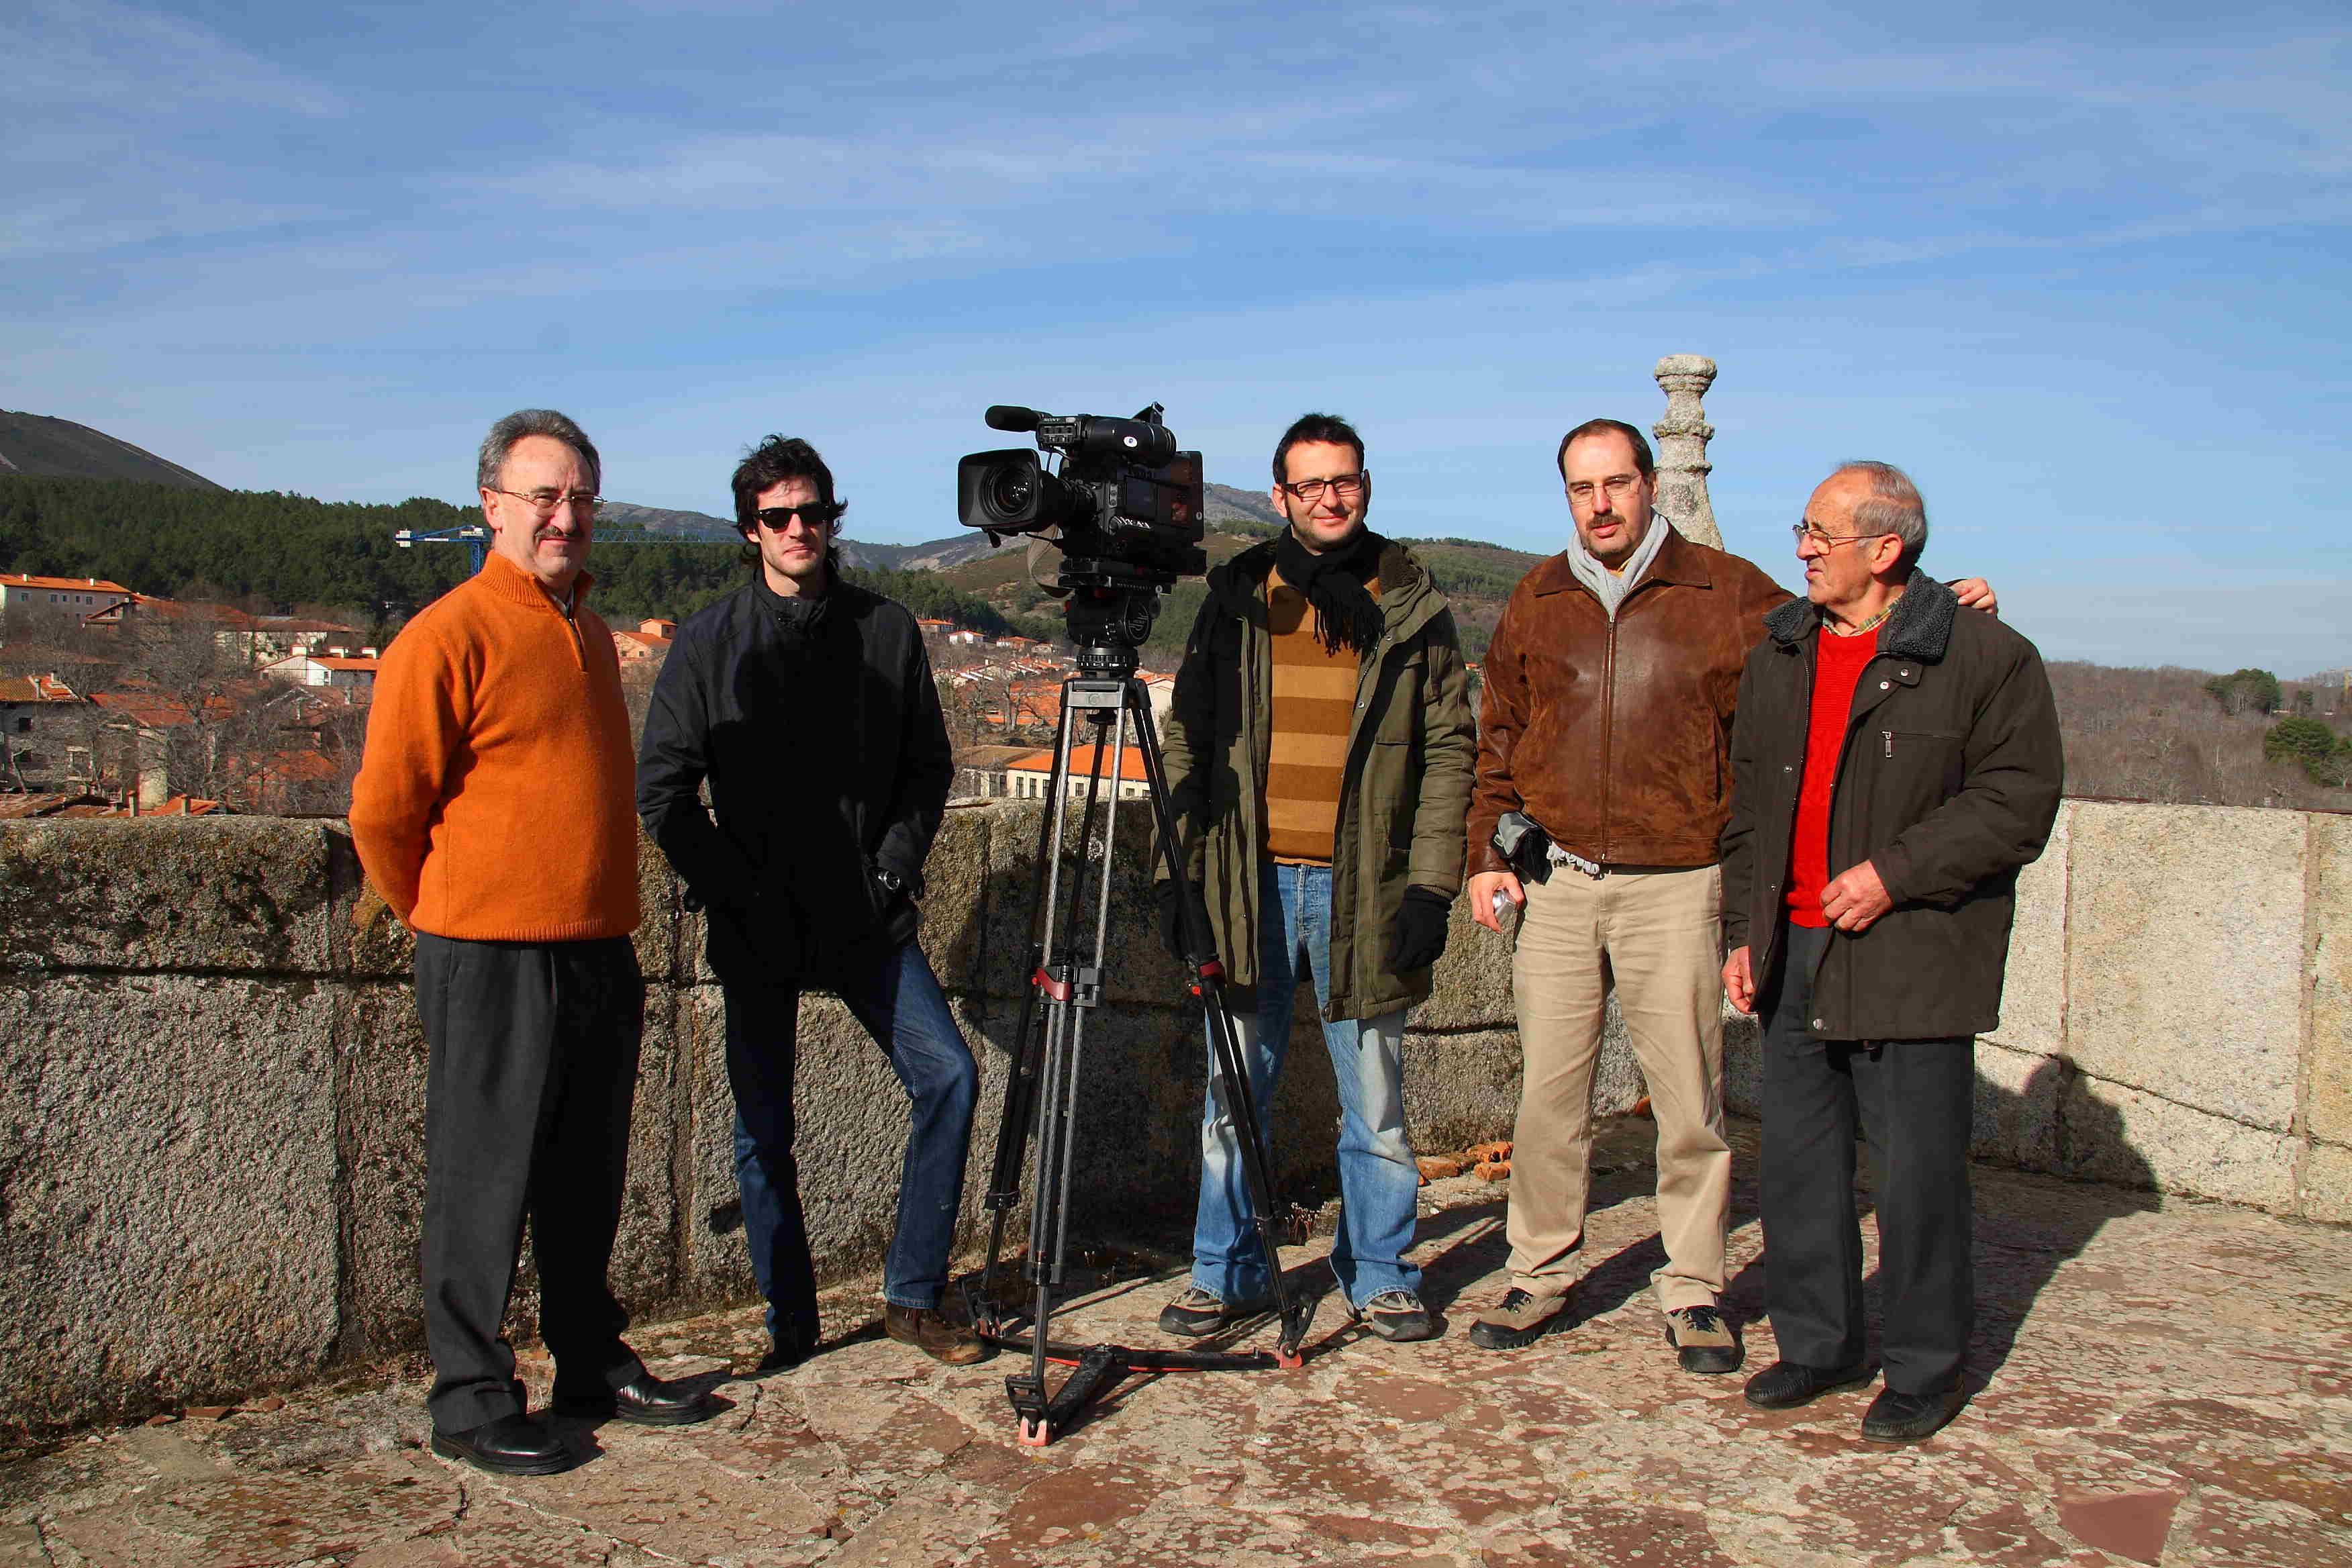 Noticias y reportajes la moza de animas y cuarto milenio for Cuarto milenio domingo